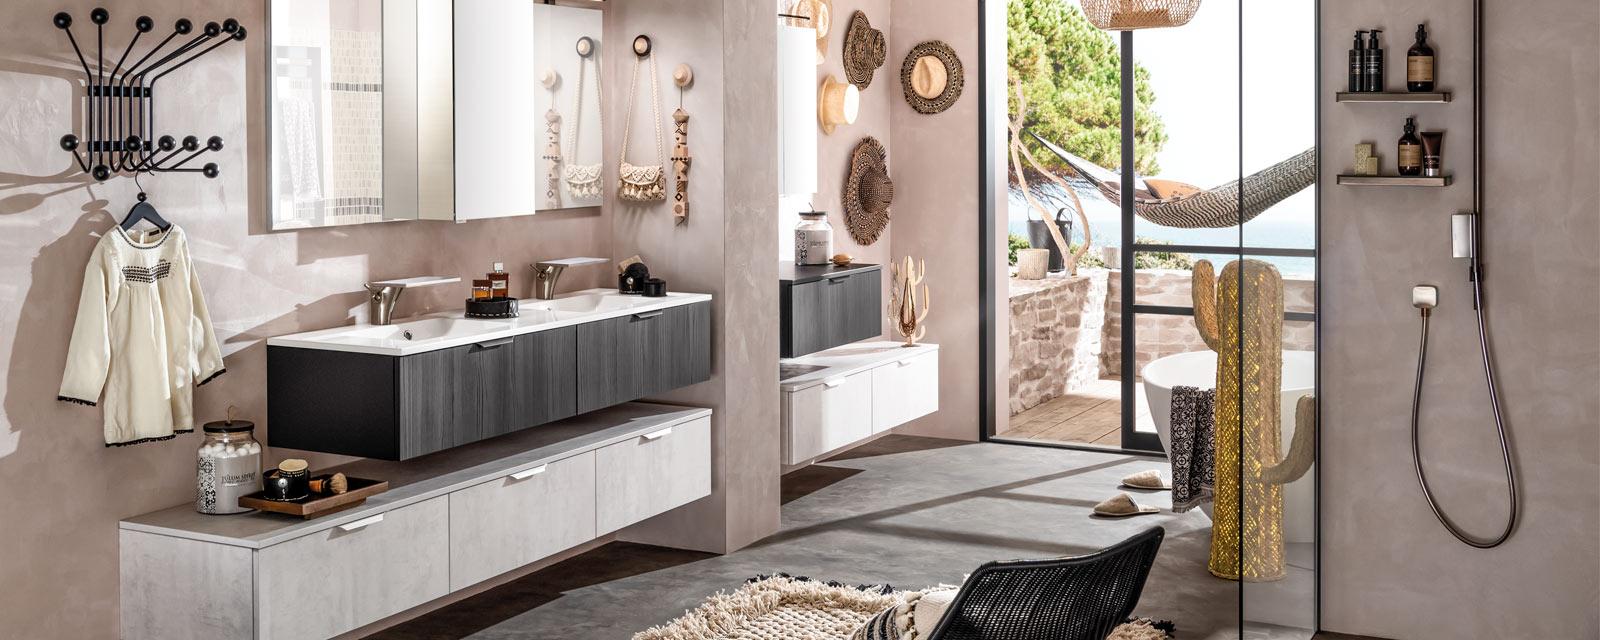 18 Meuble salle de bain suspendus design  Guide Artisan